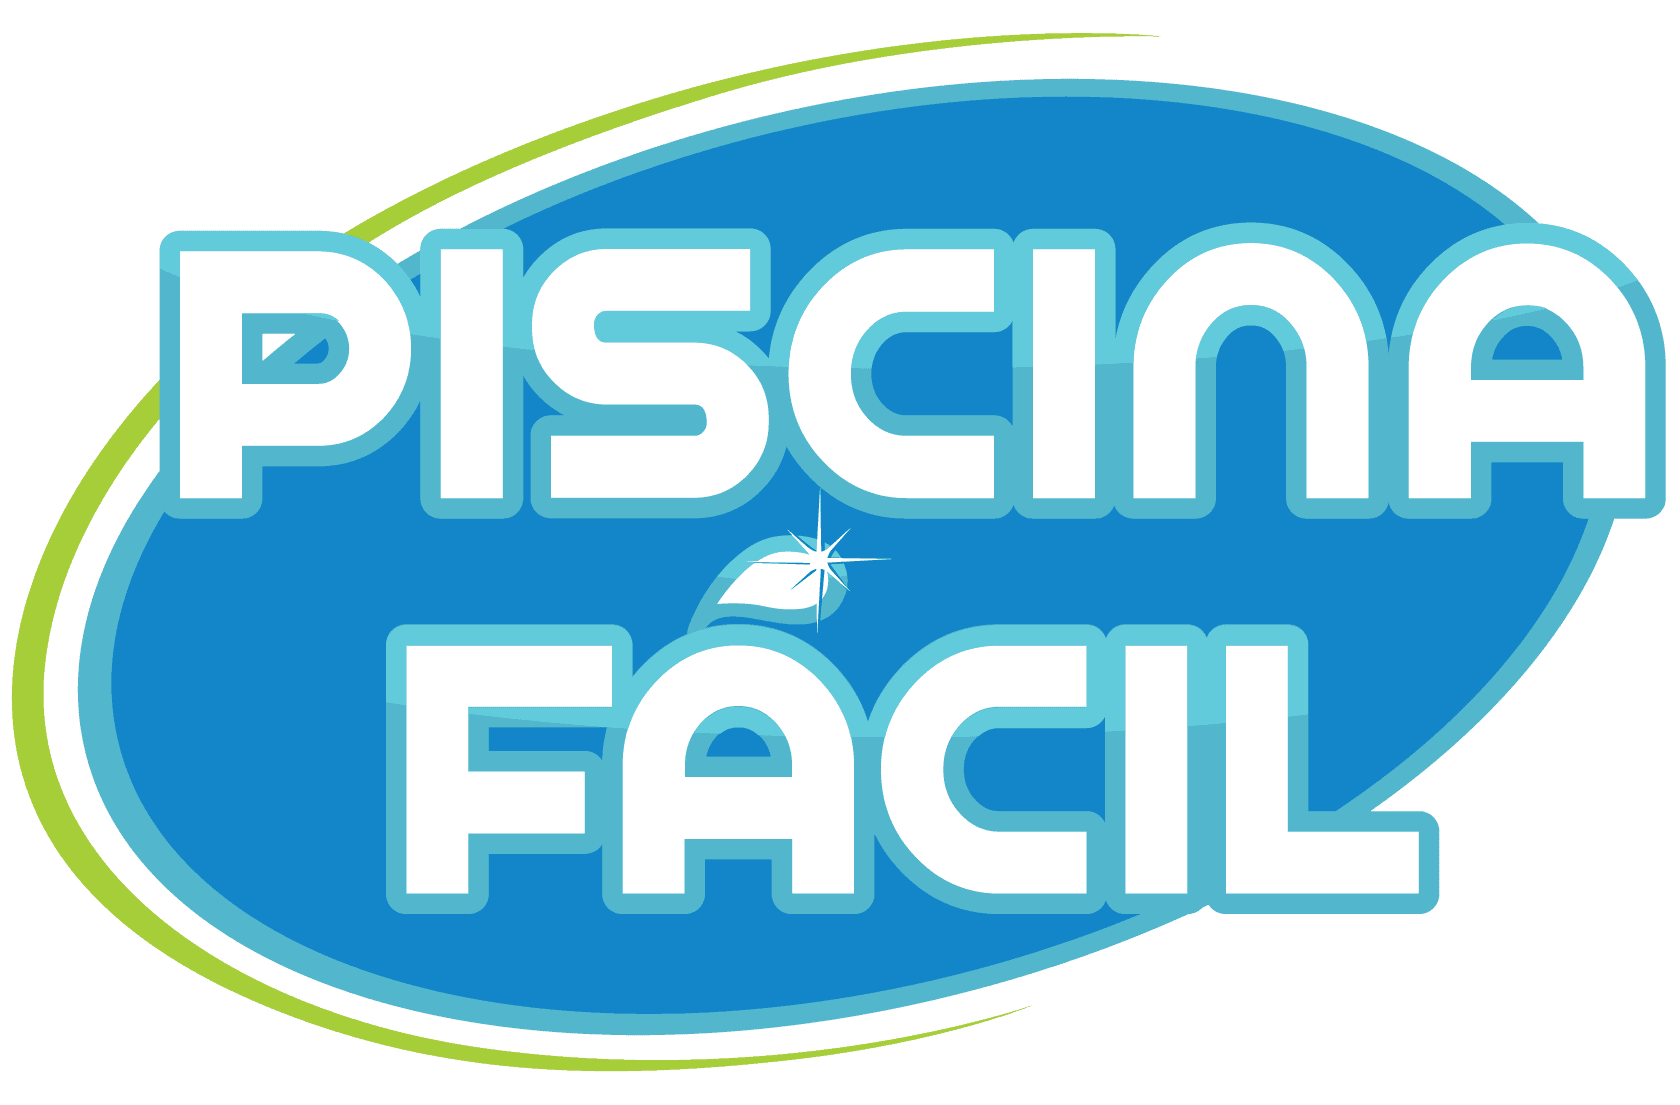 Piscina Facil